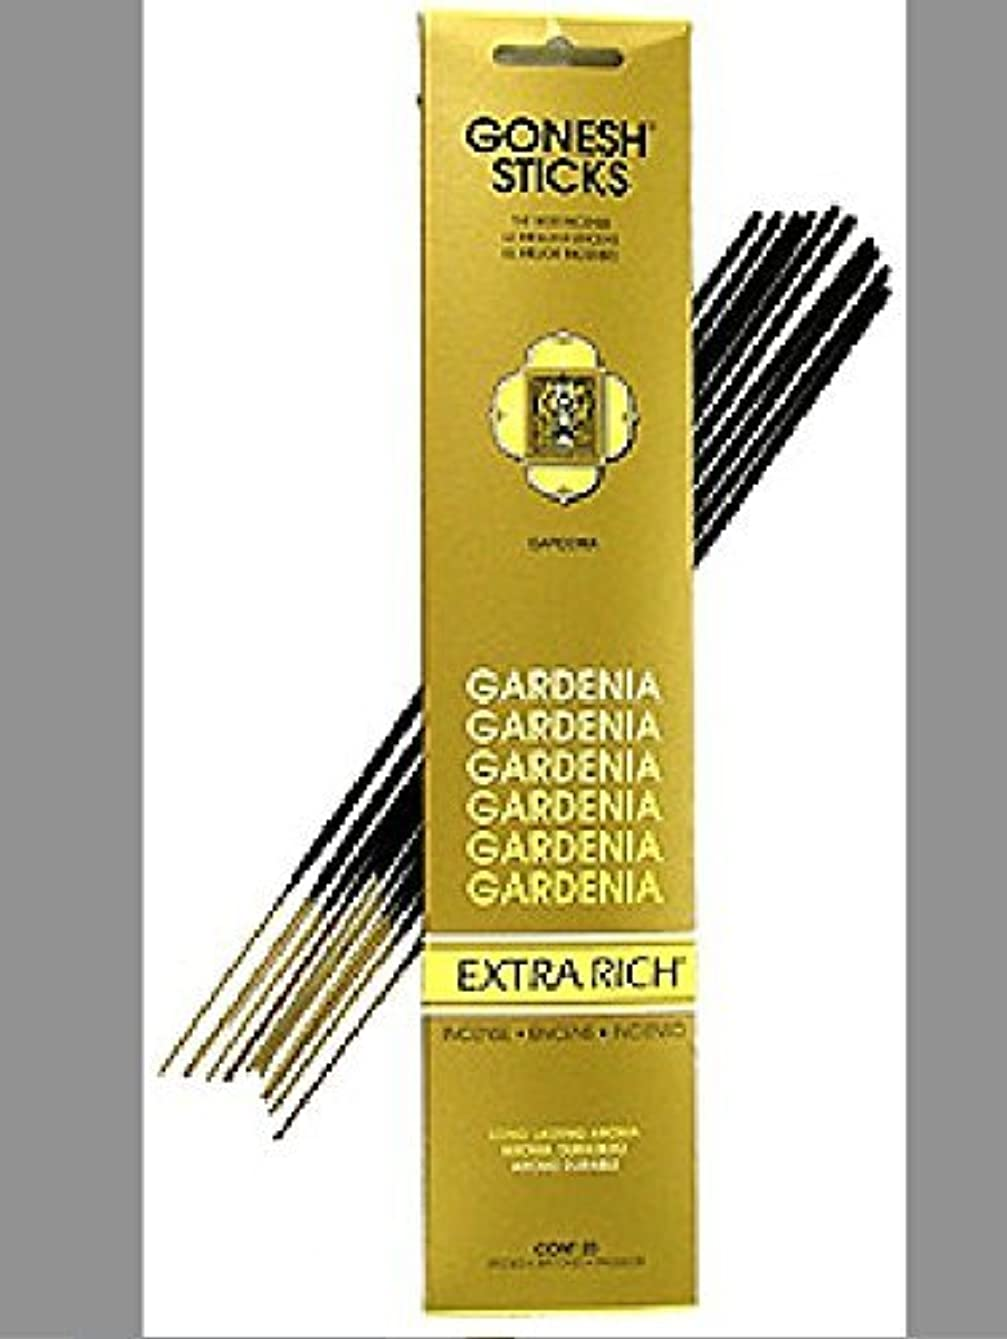 白鳥バッフル告白するGonesh ~ No. 6 (Perfumes of Ancient Times) ~ Incense Sticks ~ Pack of 4 by Gonesh [並行輸入品]